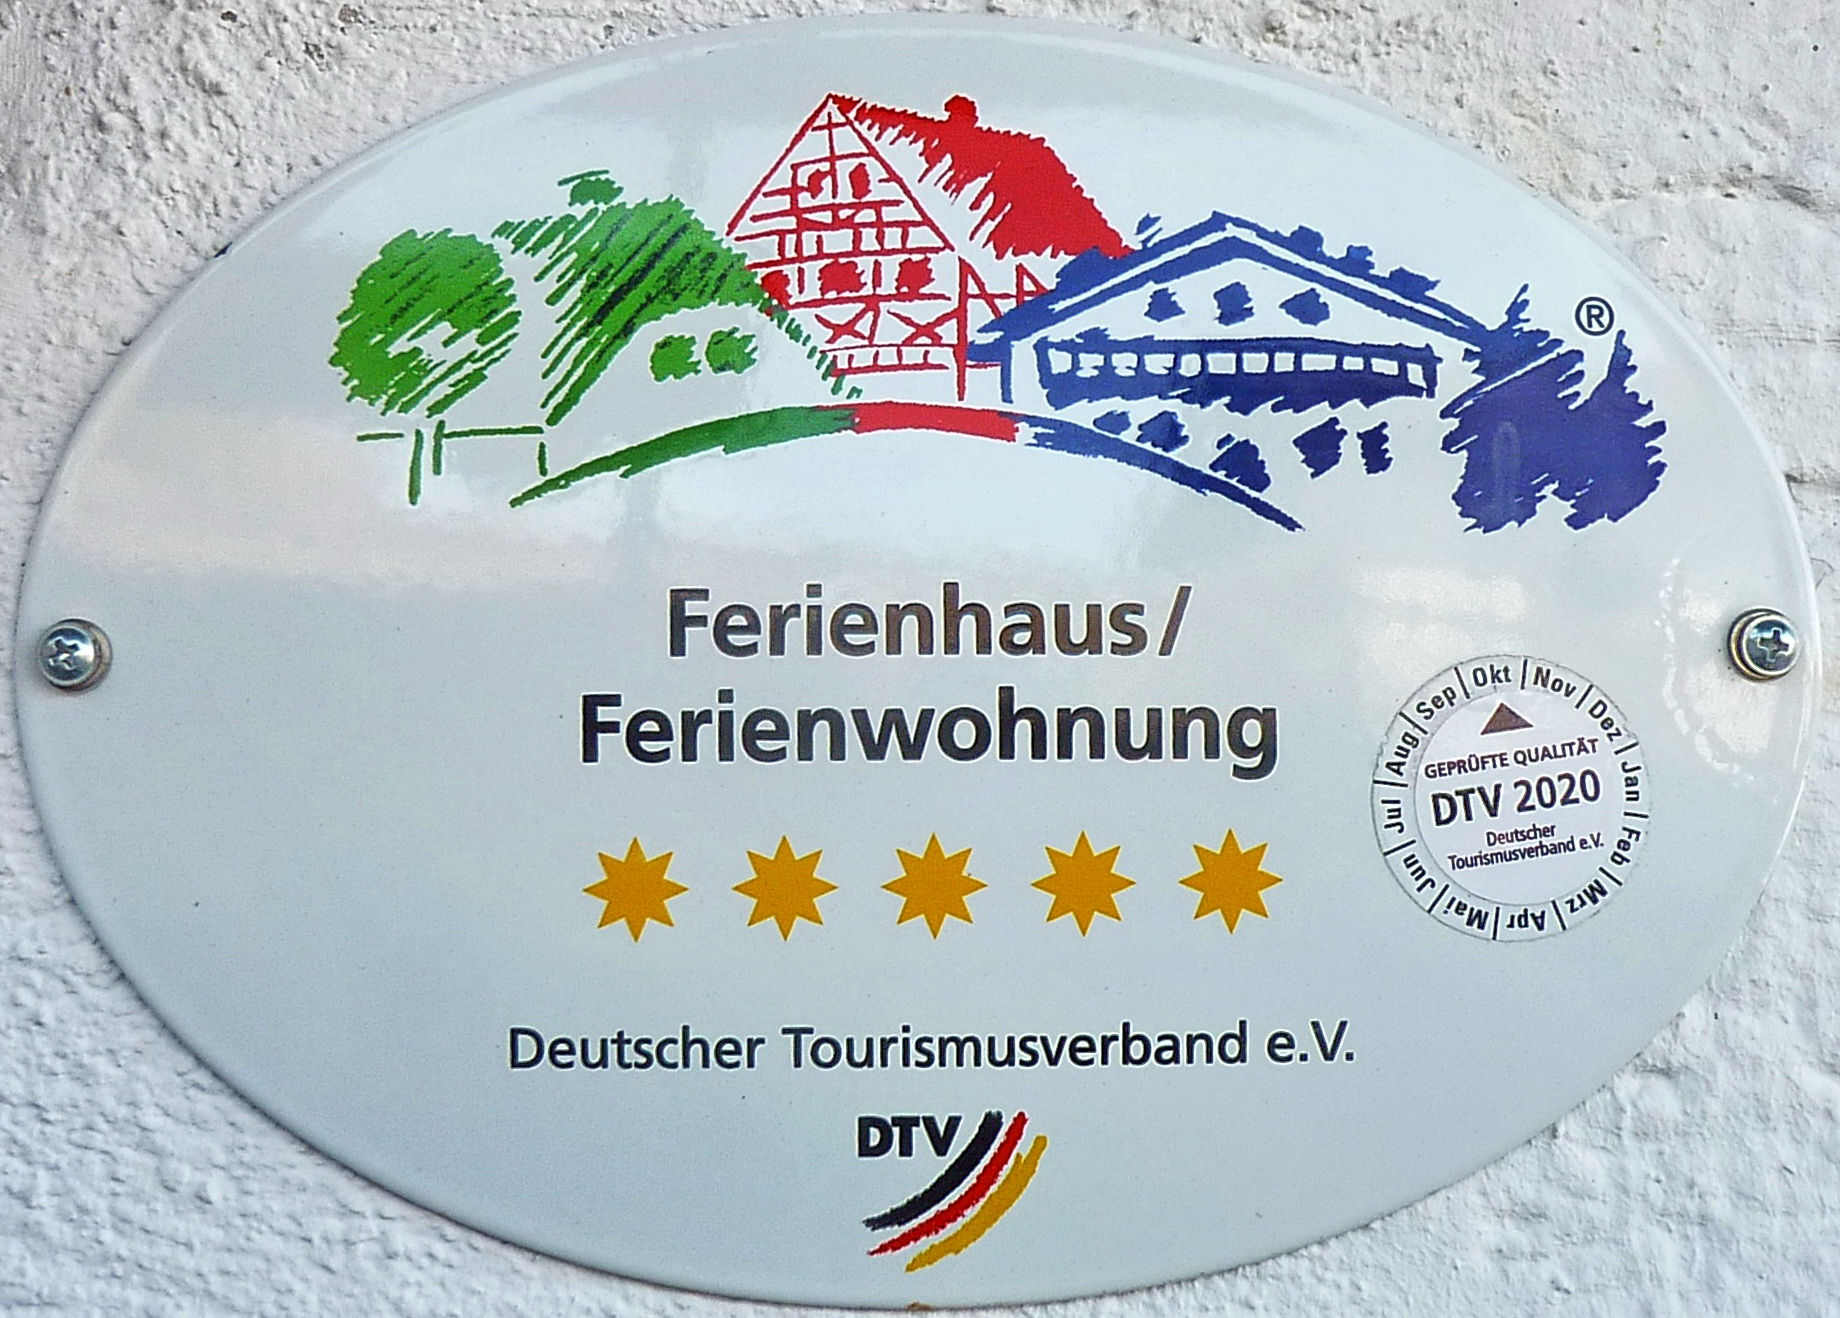 Klassifiziert mit 5 Sternen durch den Deutschen Tourismusverband